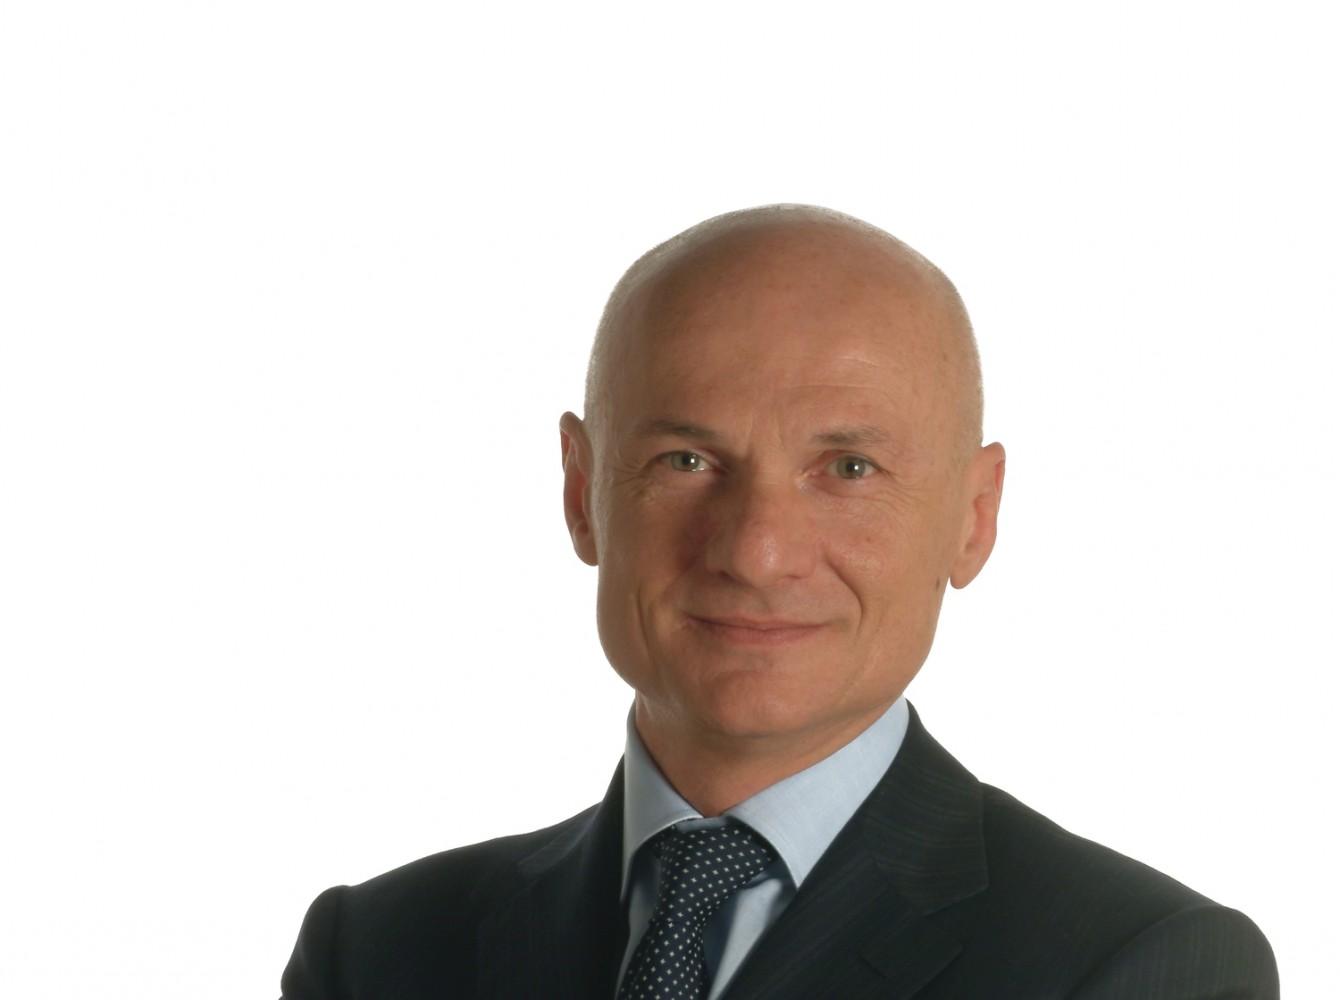 Piermario Motta (5) Imc